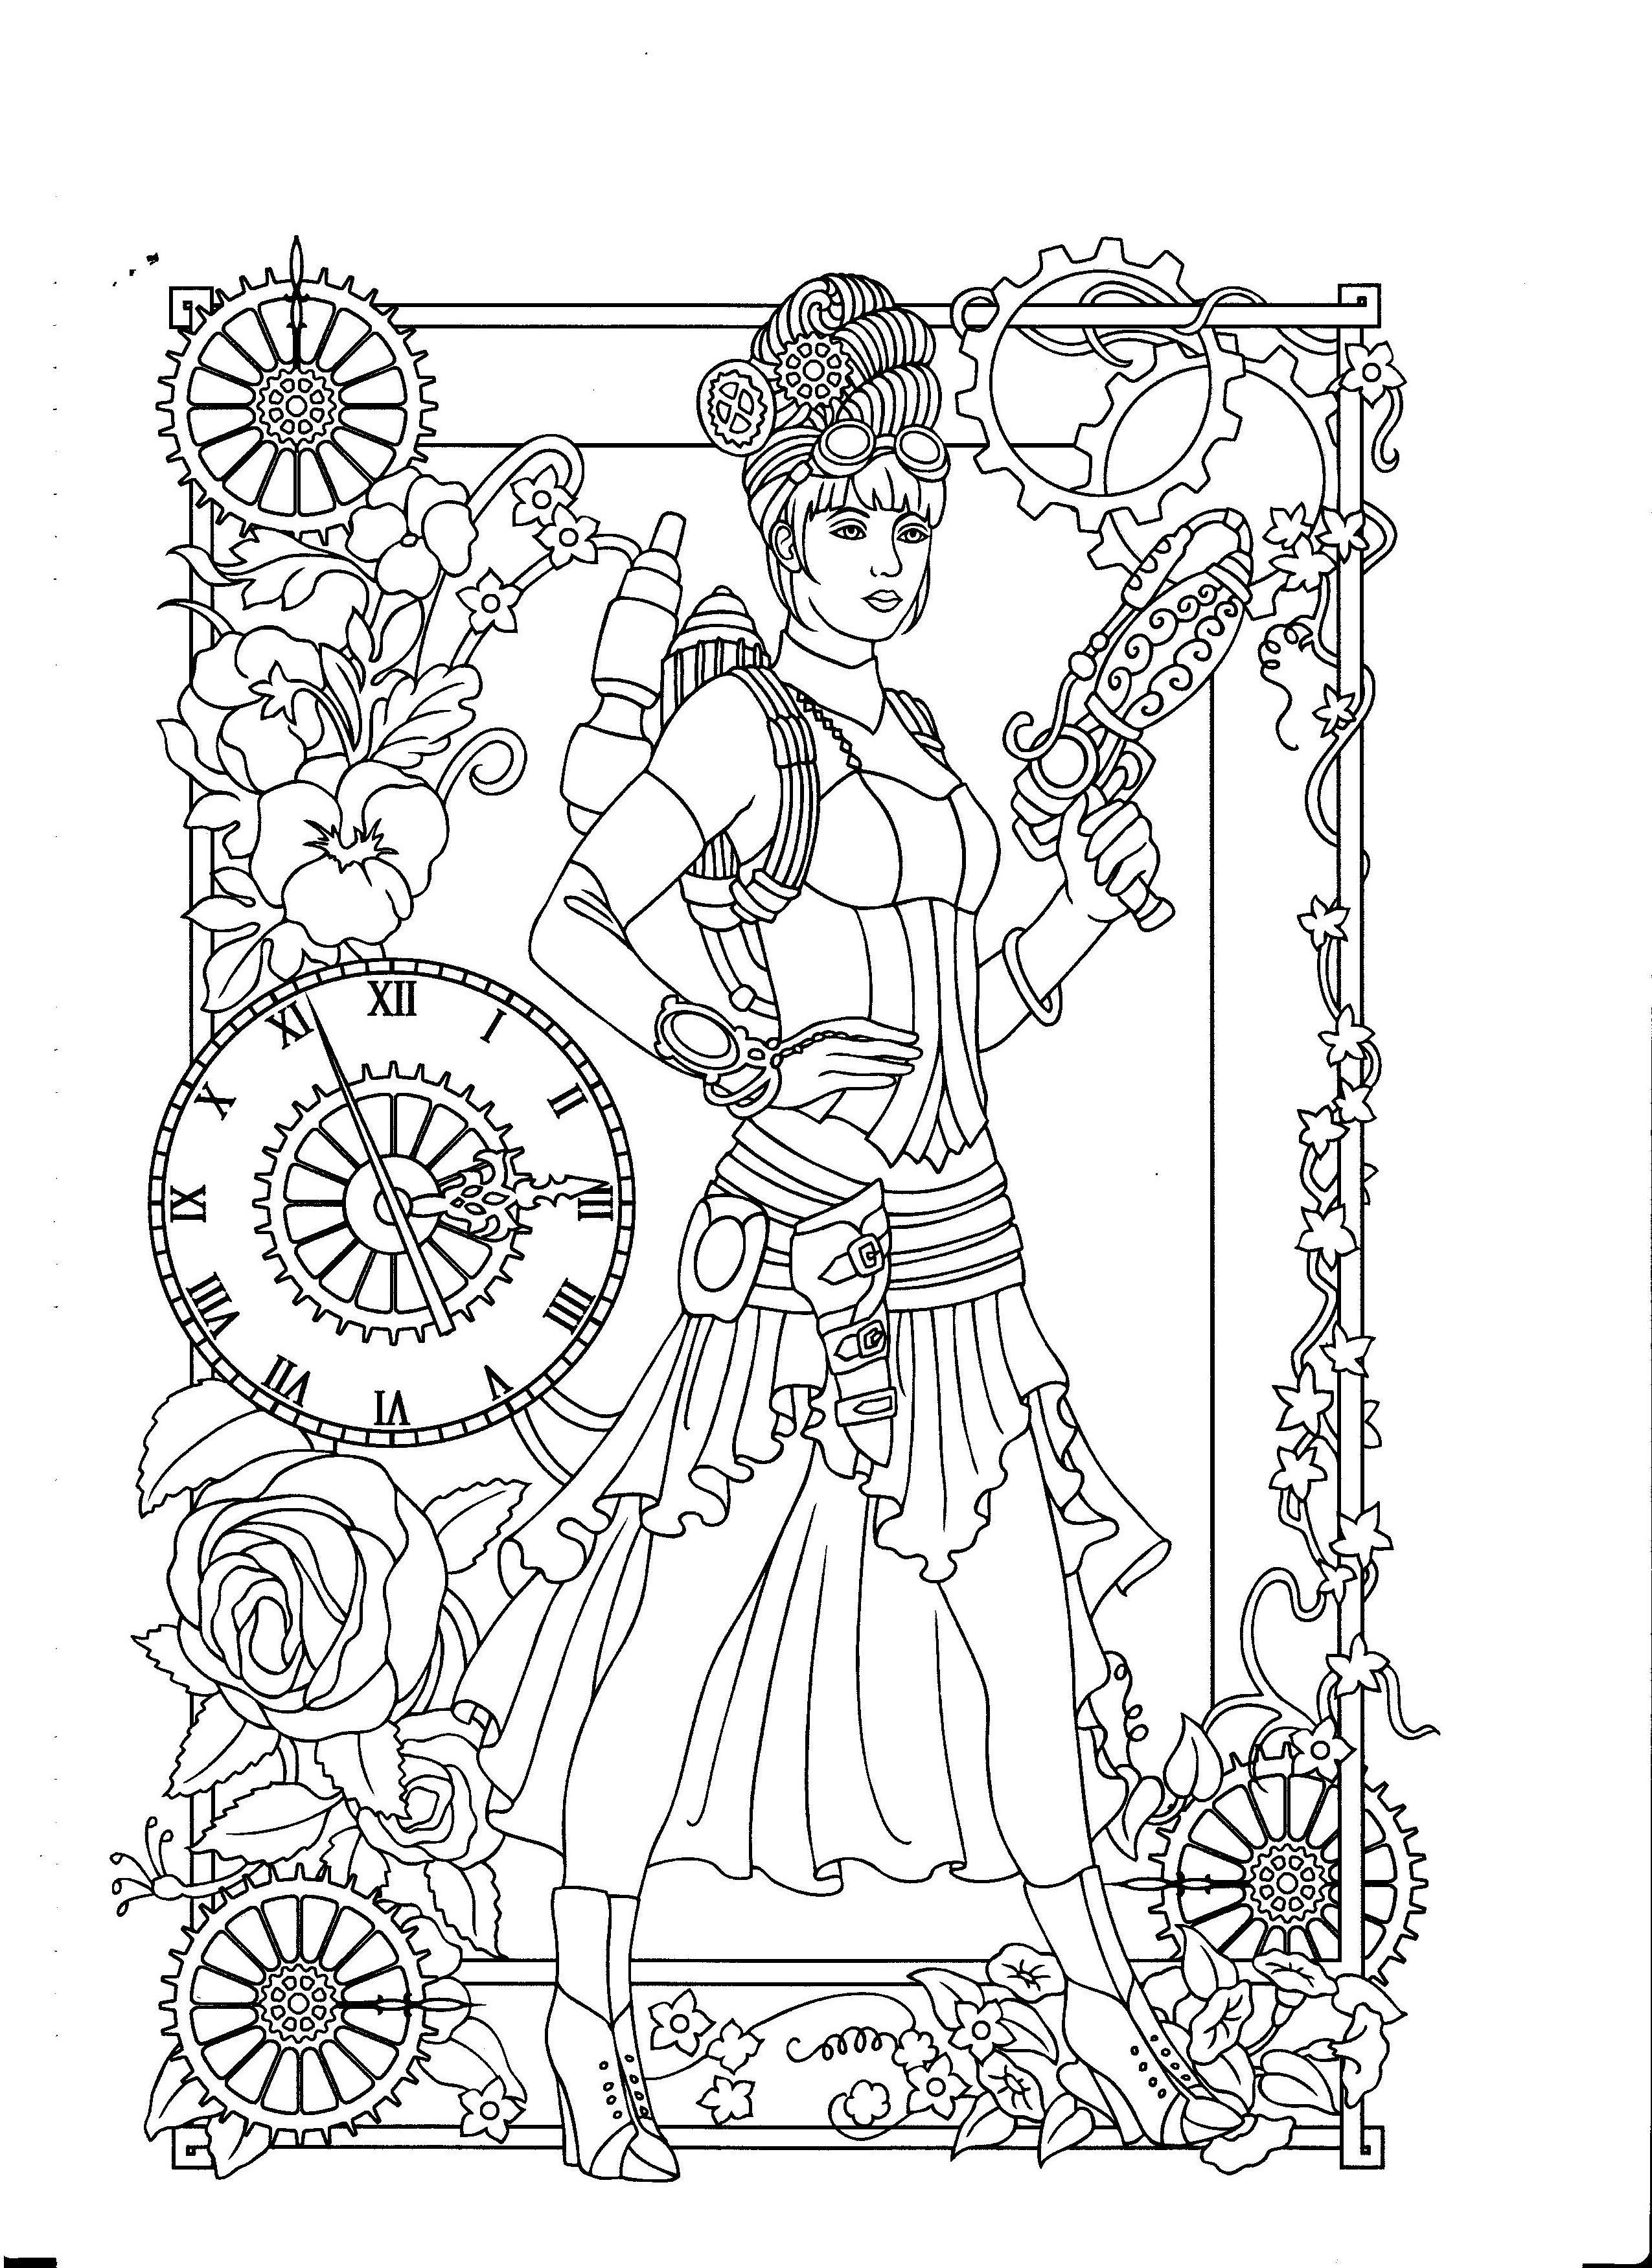 Steampunk Coloring Page Kleurboek Kleurplaten Kleurplaten Voor Volwassenen